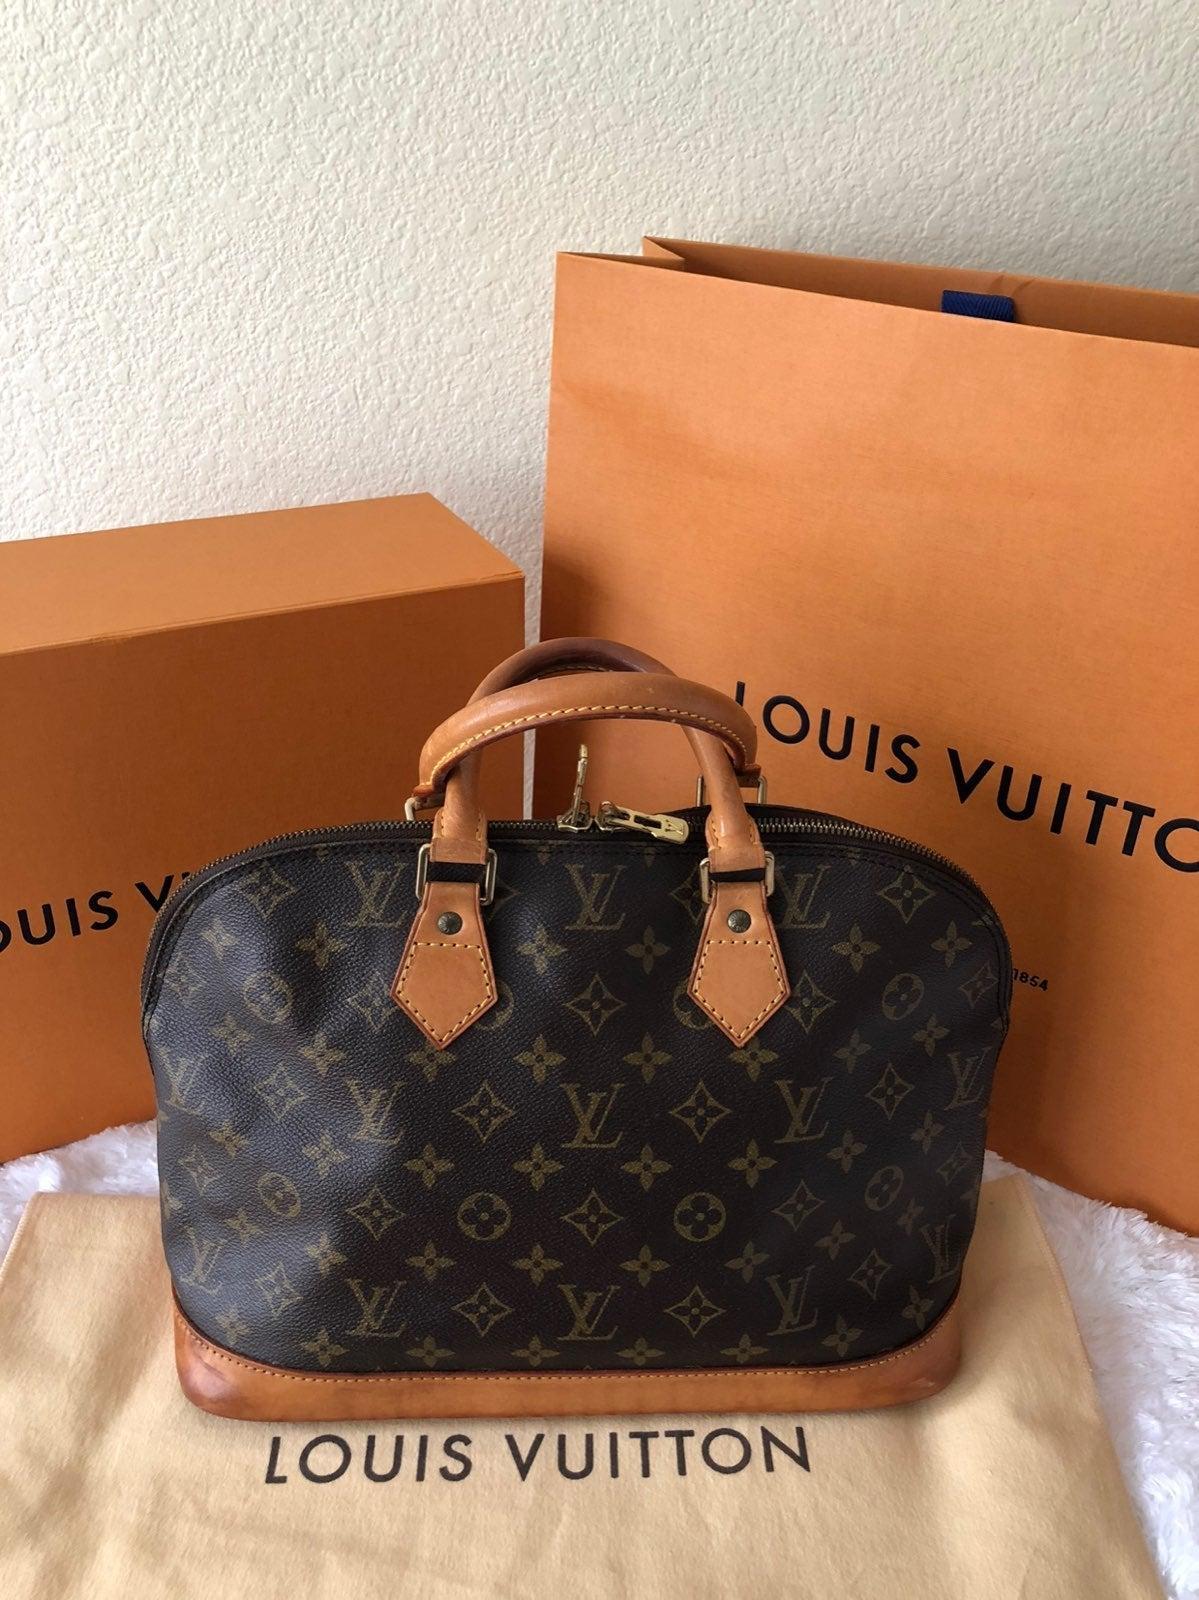 Louis Vuitton Alma PM Mono Satchel Bag